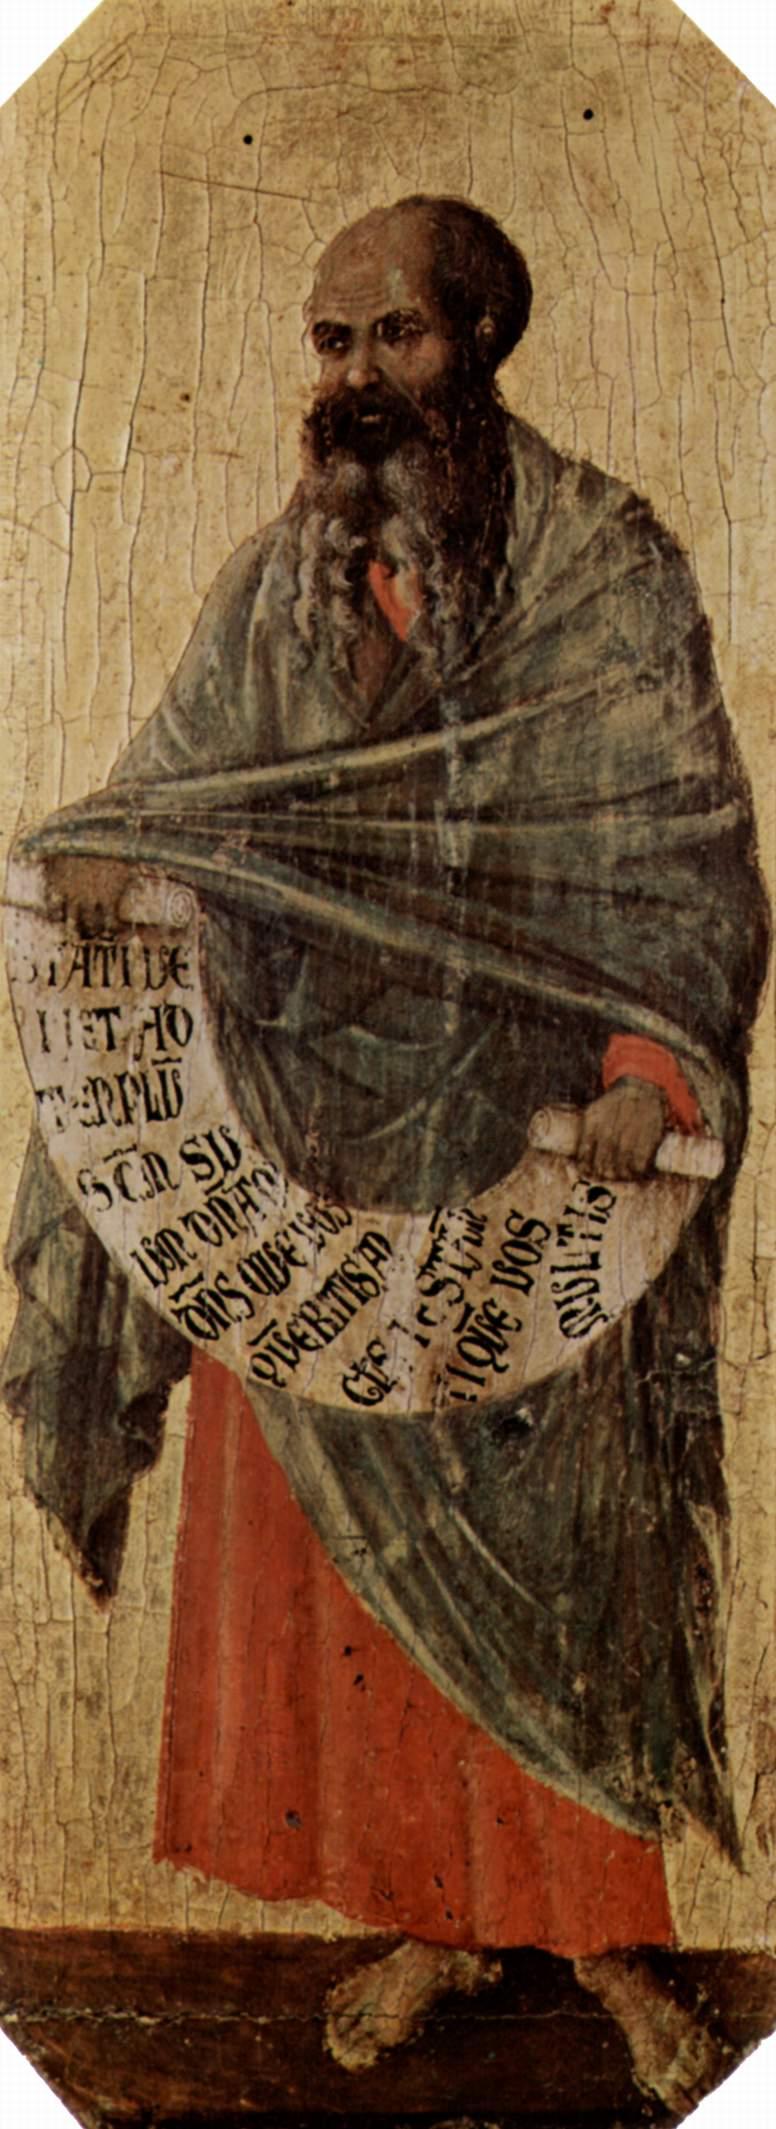 Malachi, by Duccio di Buoninsegna. (Public domain, via wikimedia.)